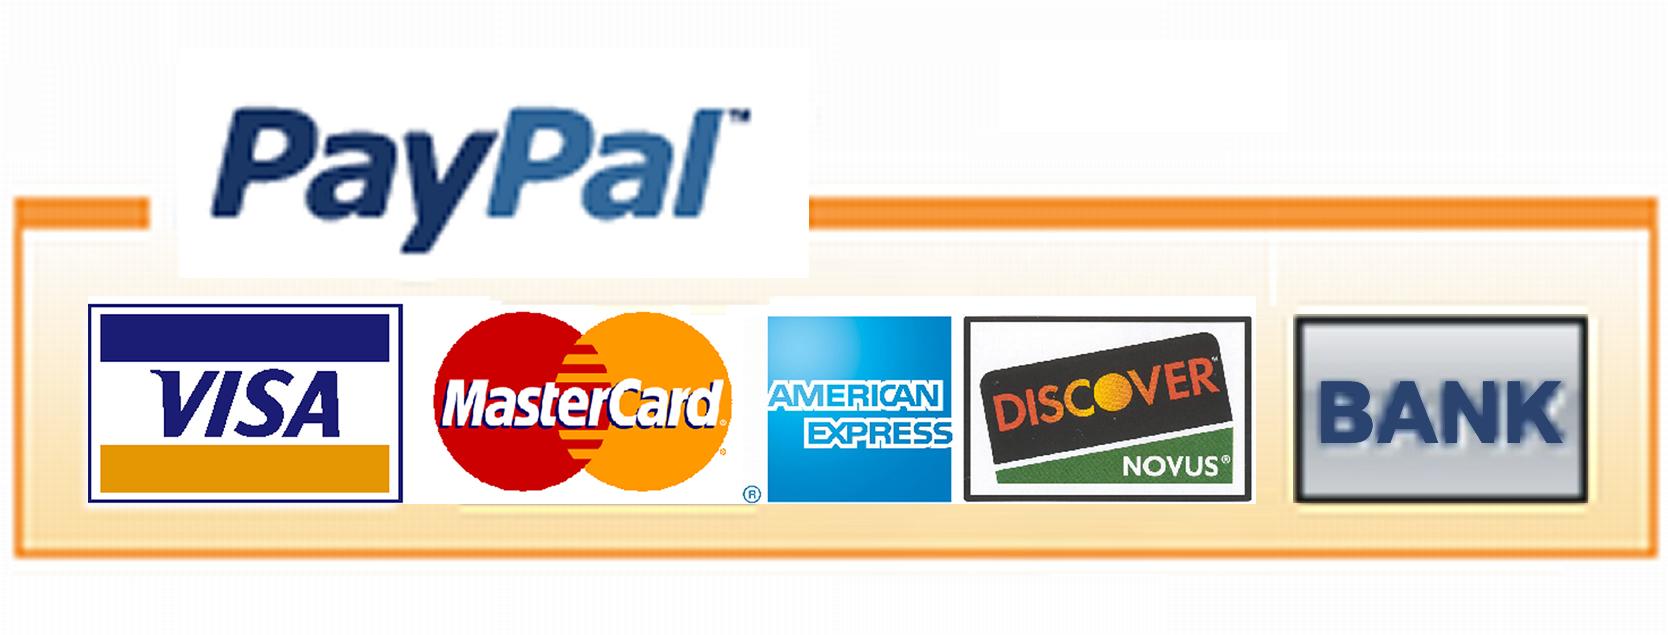 Paypal Logo Pay... Paypal Logo Vector